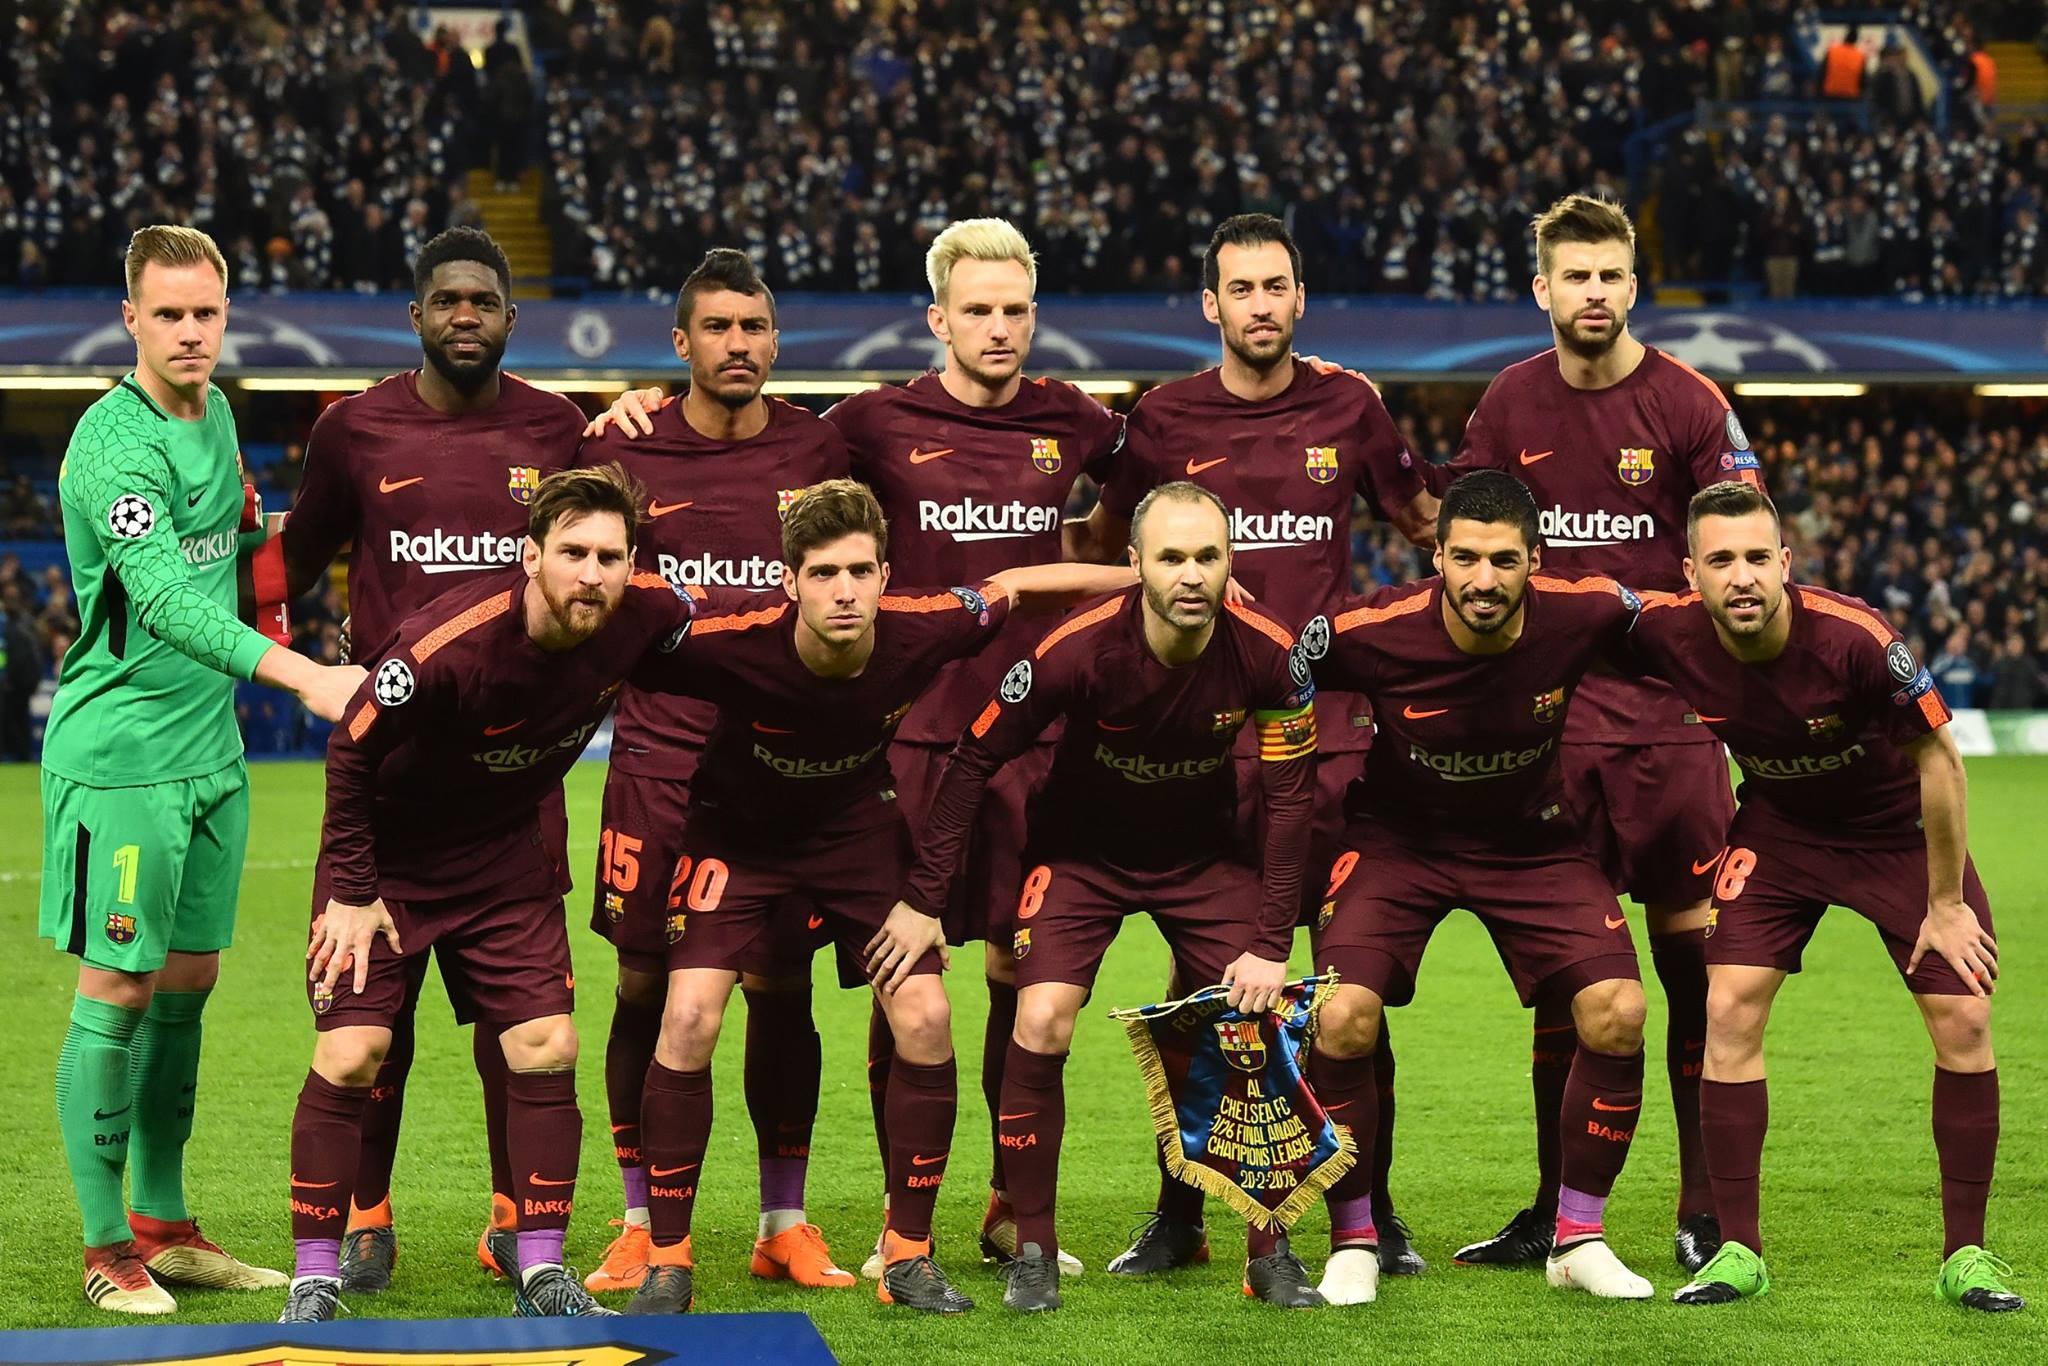 Картинки футбольных команд 2019